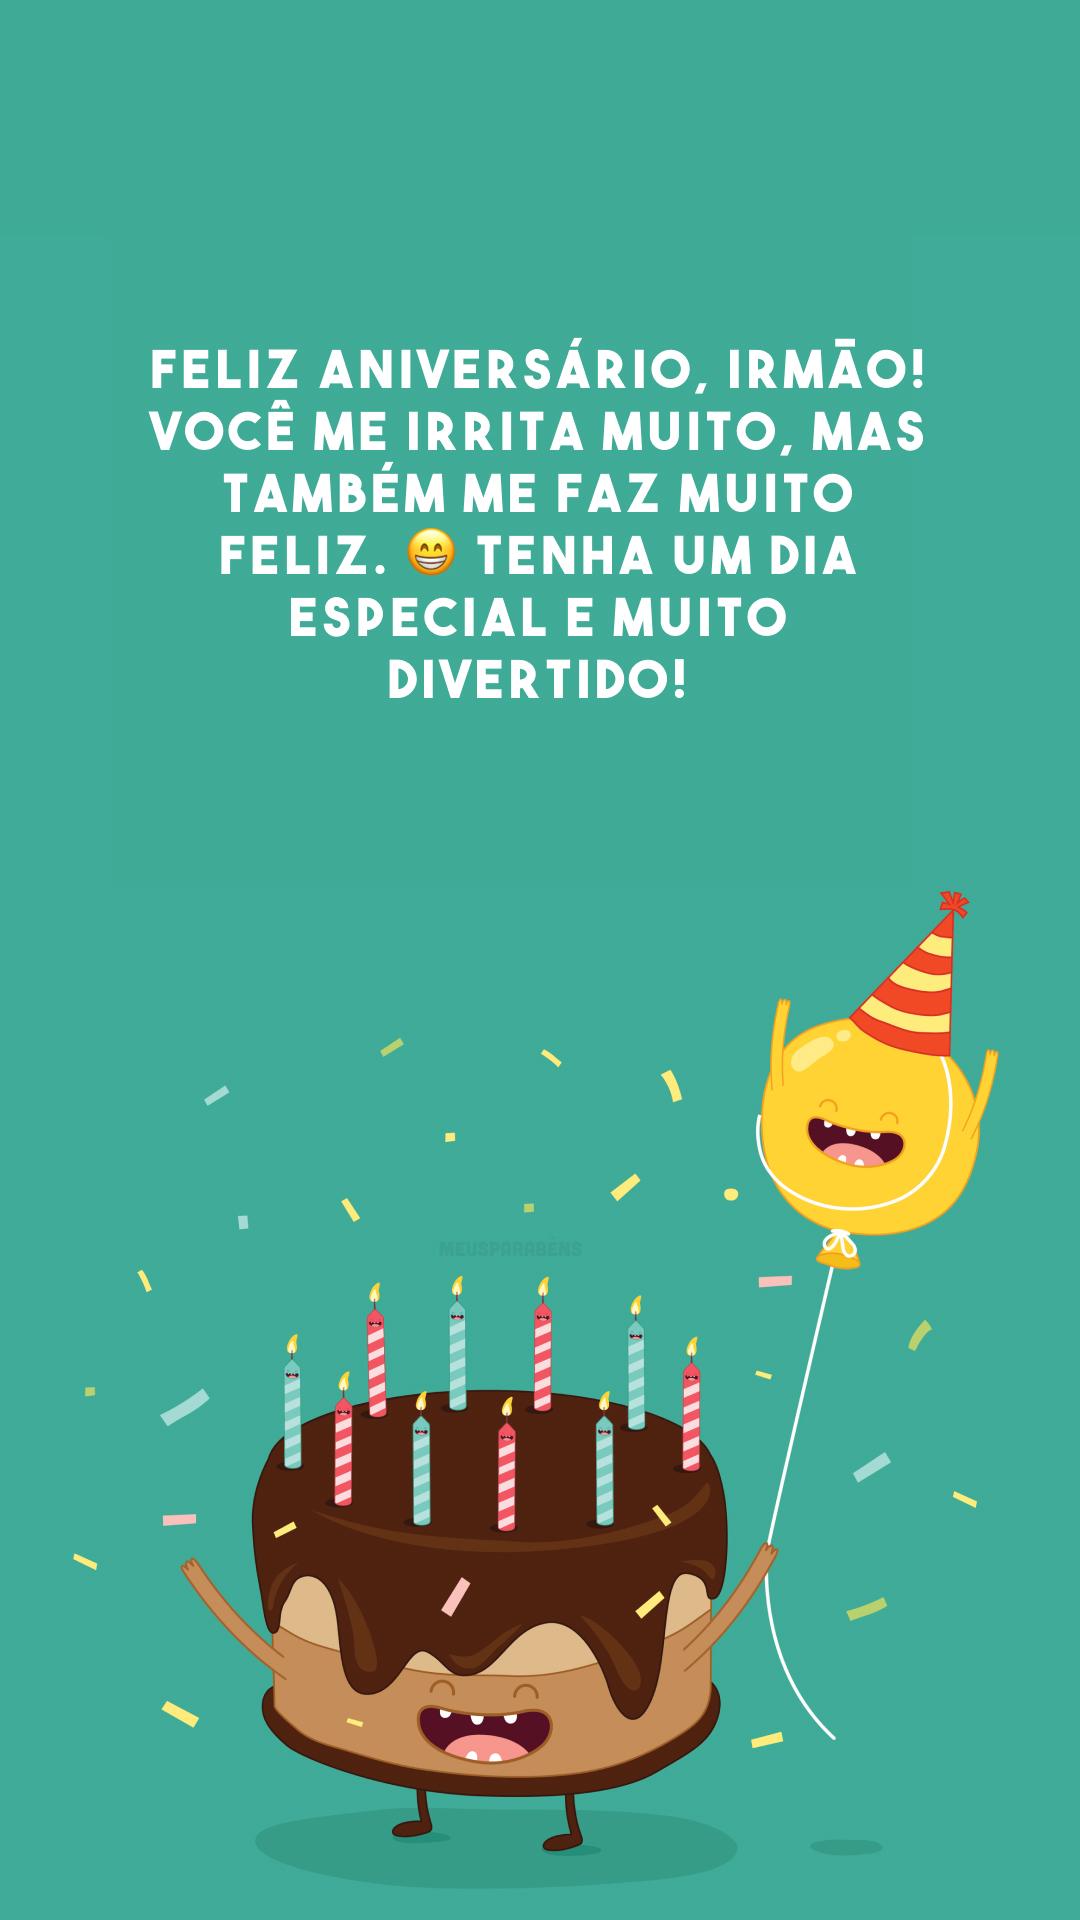 Feliz aniversário, irmão! Você me irrita muito, mas também me faz muito feliz. 😁 Tenha um dia especial e muito divertido!